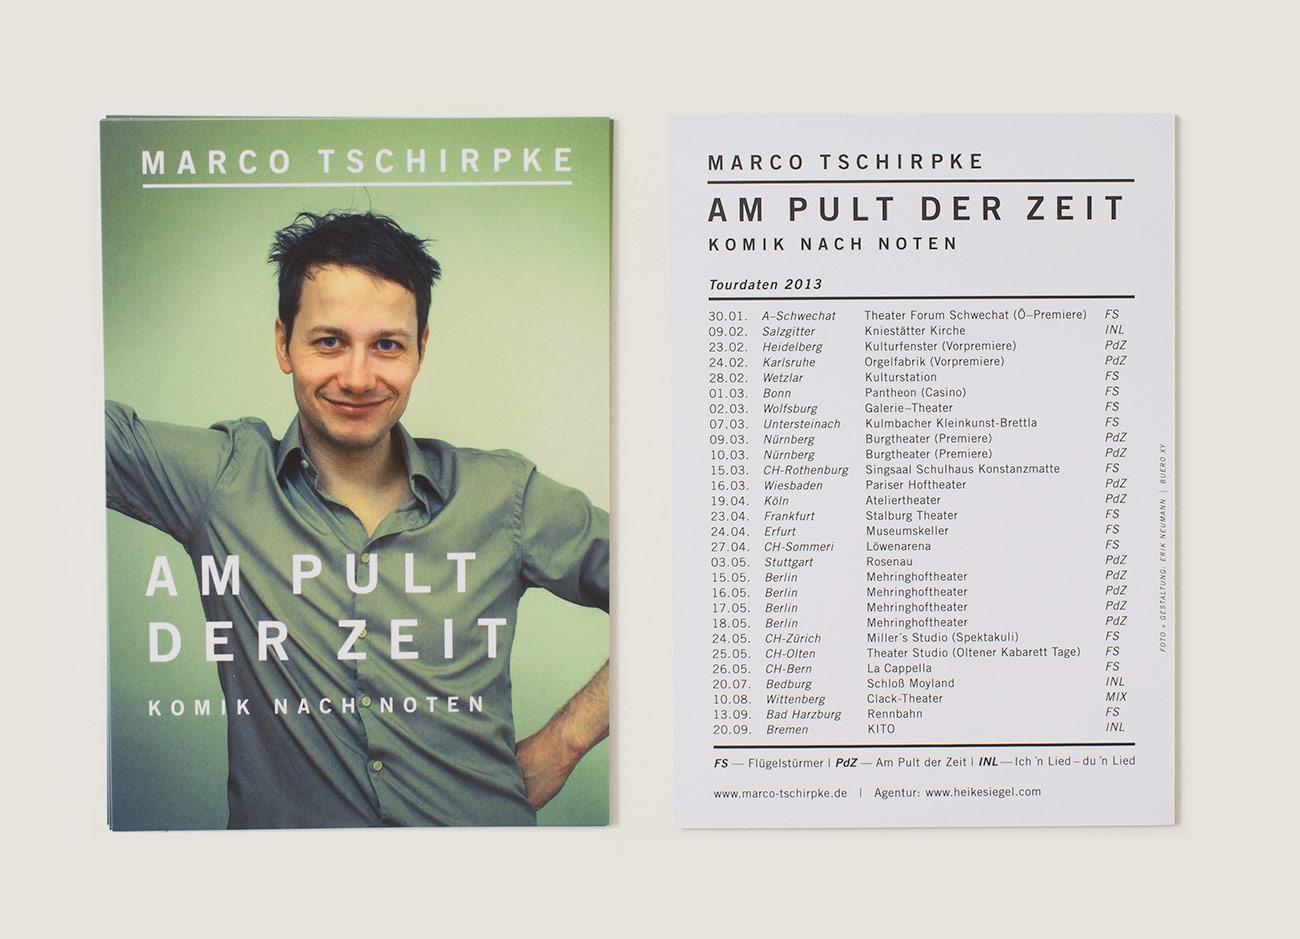 Marco Tschirpke - Lapsuslieder 3